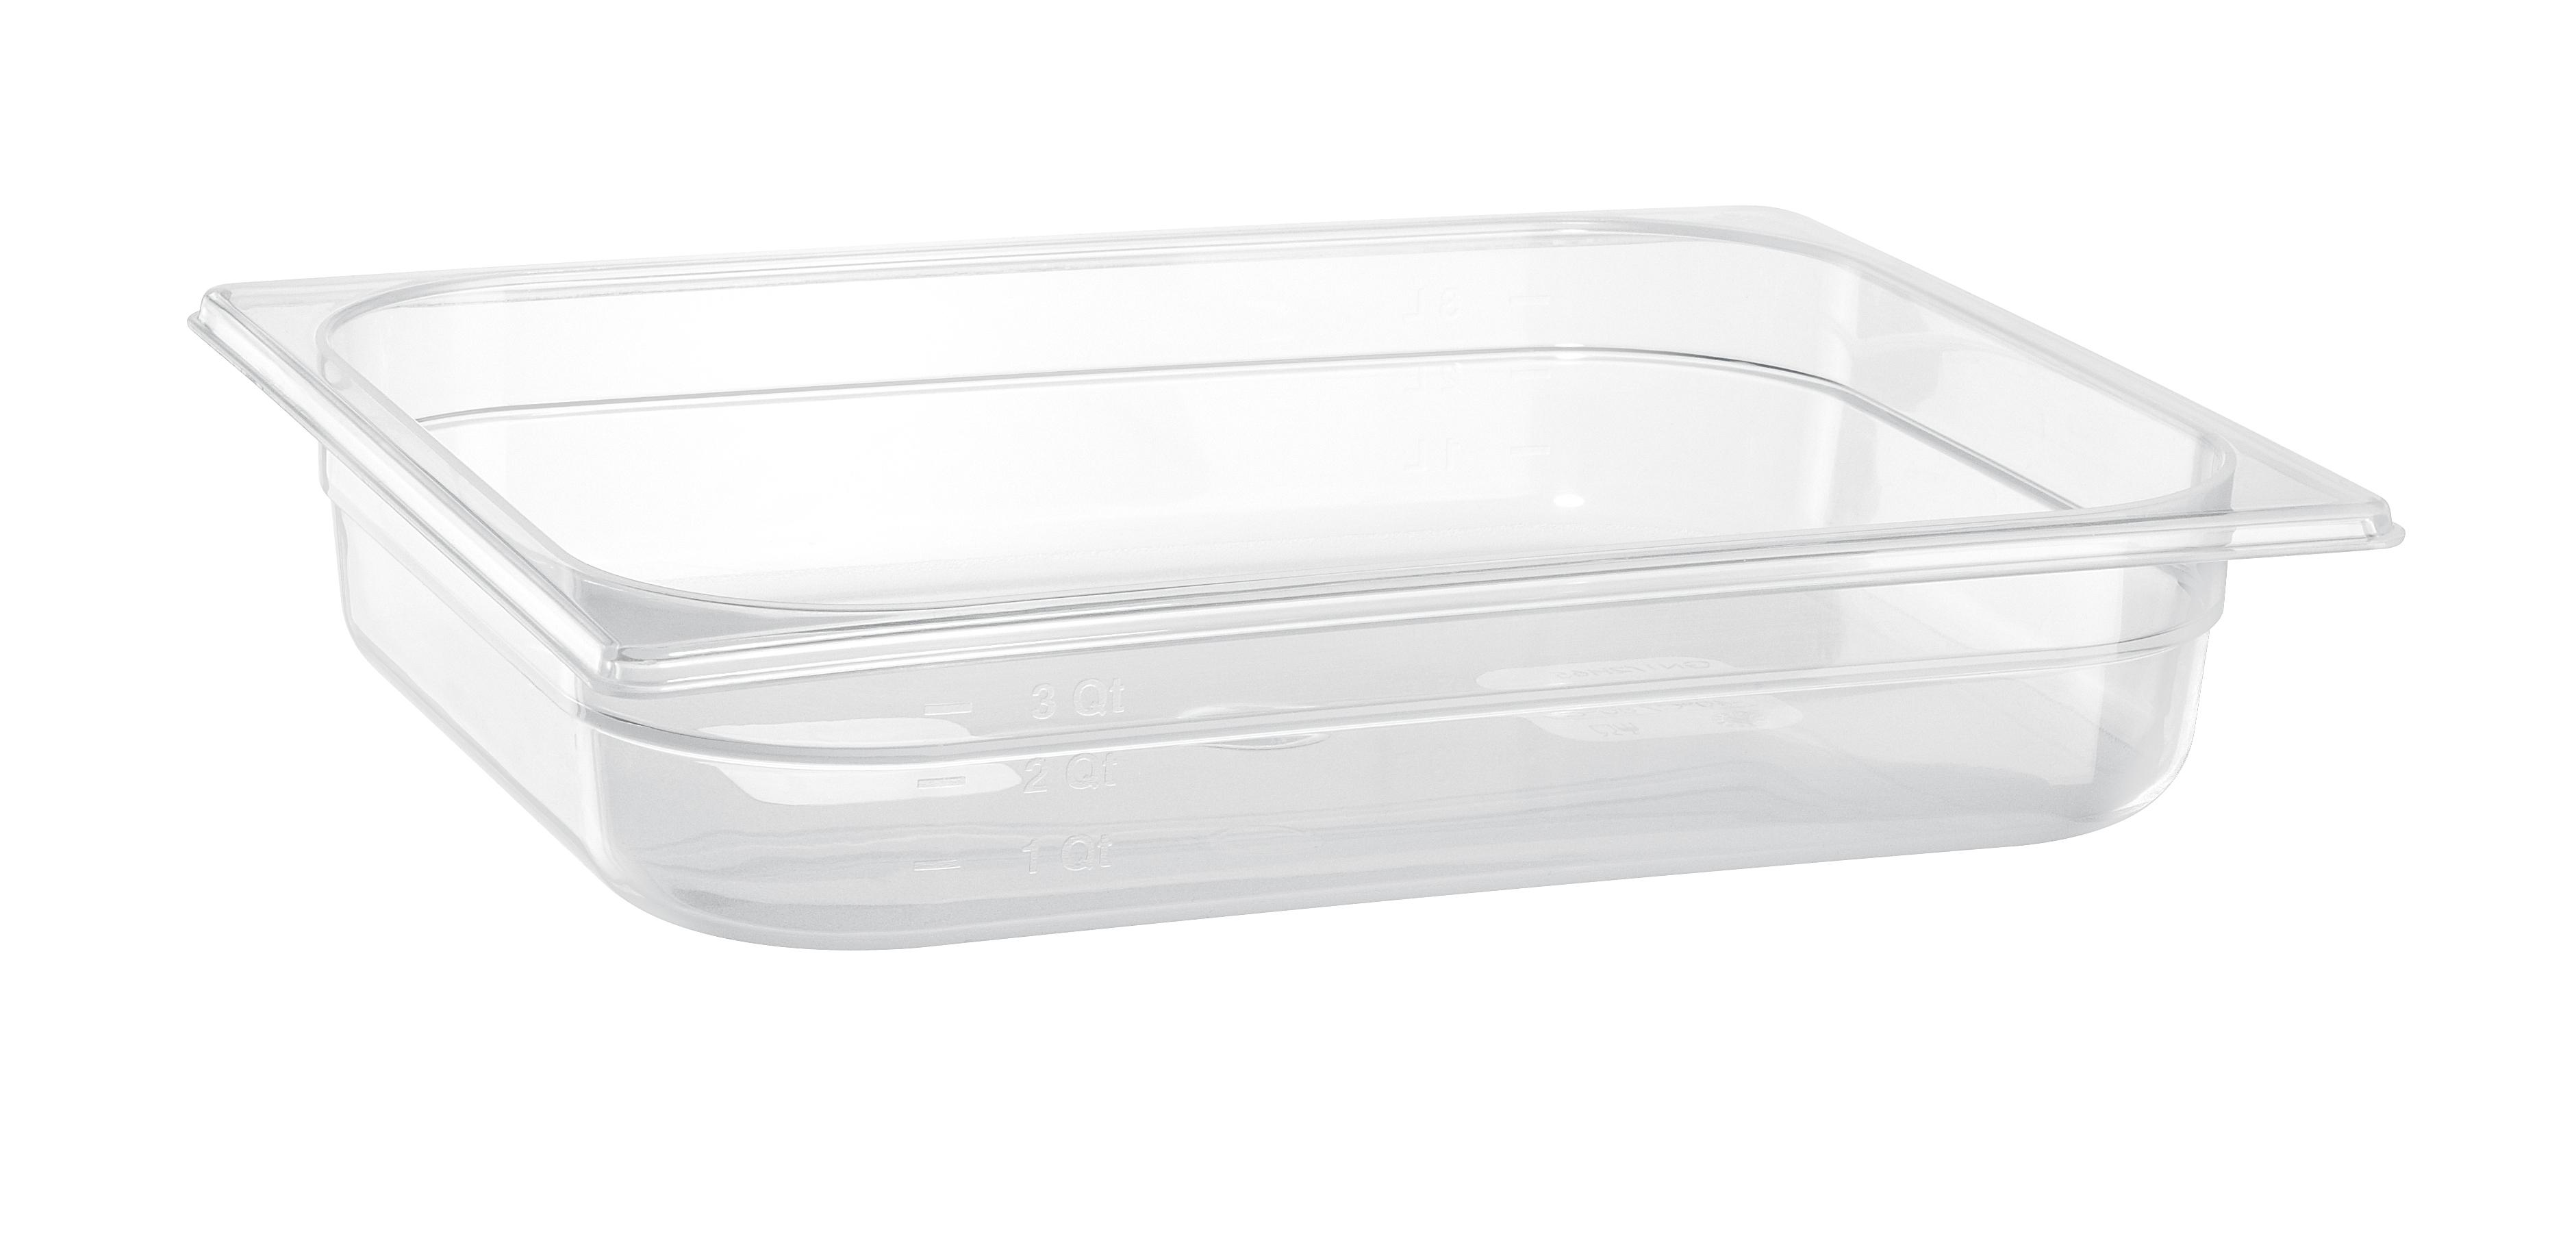 Gastronádoba polypropylenová GN 1/2 65 mm